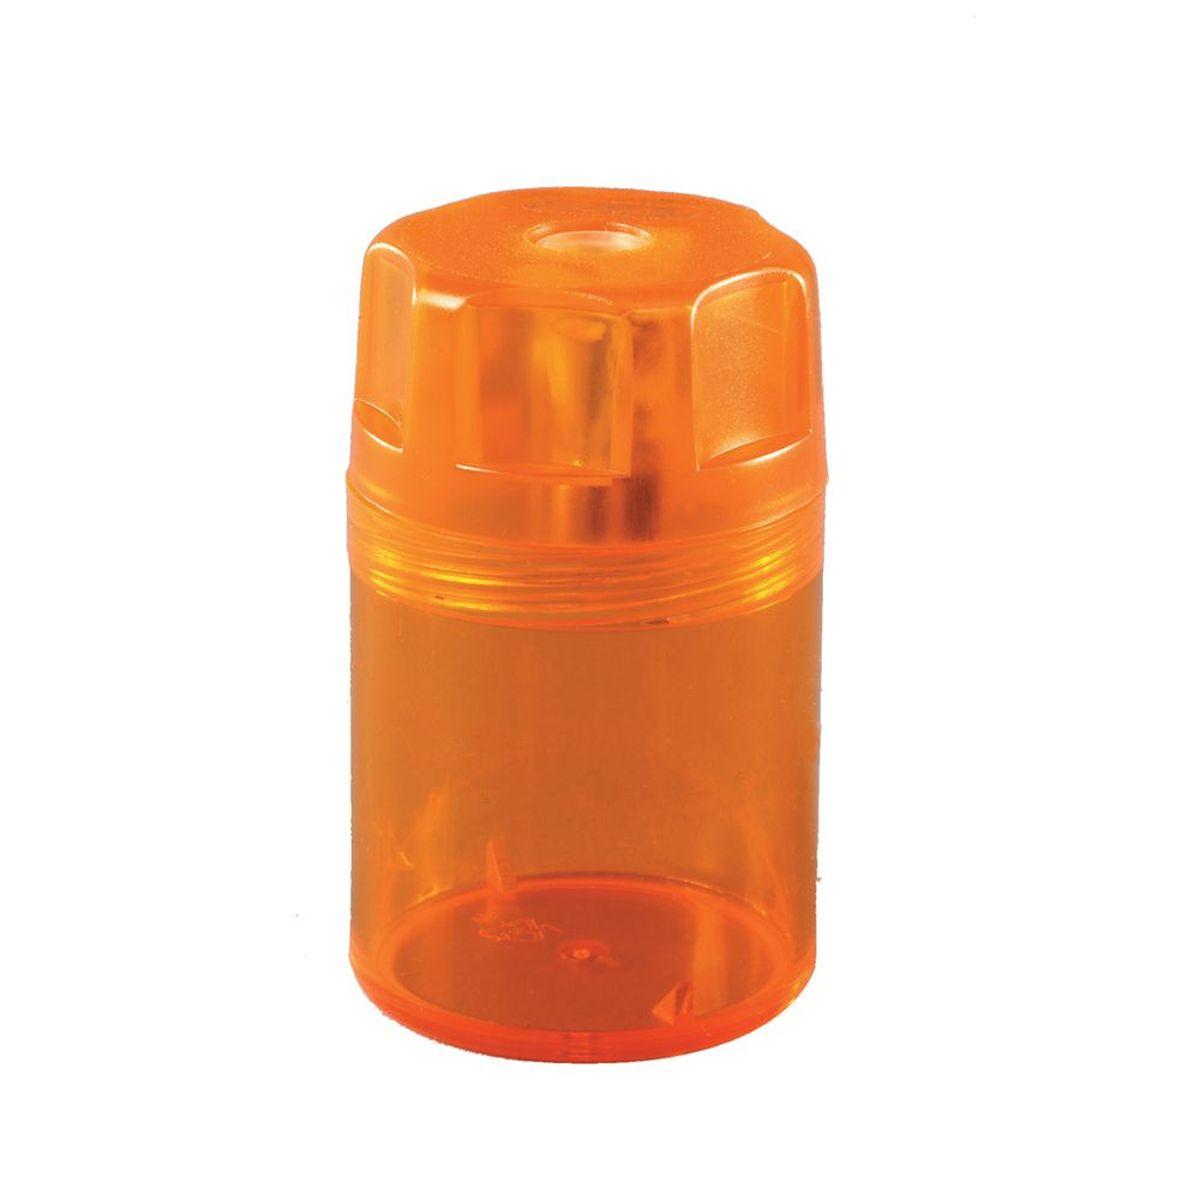 Точилка-бочонок в прозрачном пластиковом корпусе. Предназначена для заточки карандашей диаметром 8 мм. Снабжена металлическими лезвиями высокого качества. Имеется контейнер для стружки.